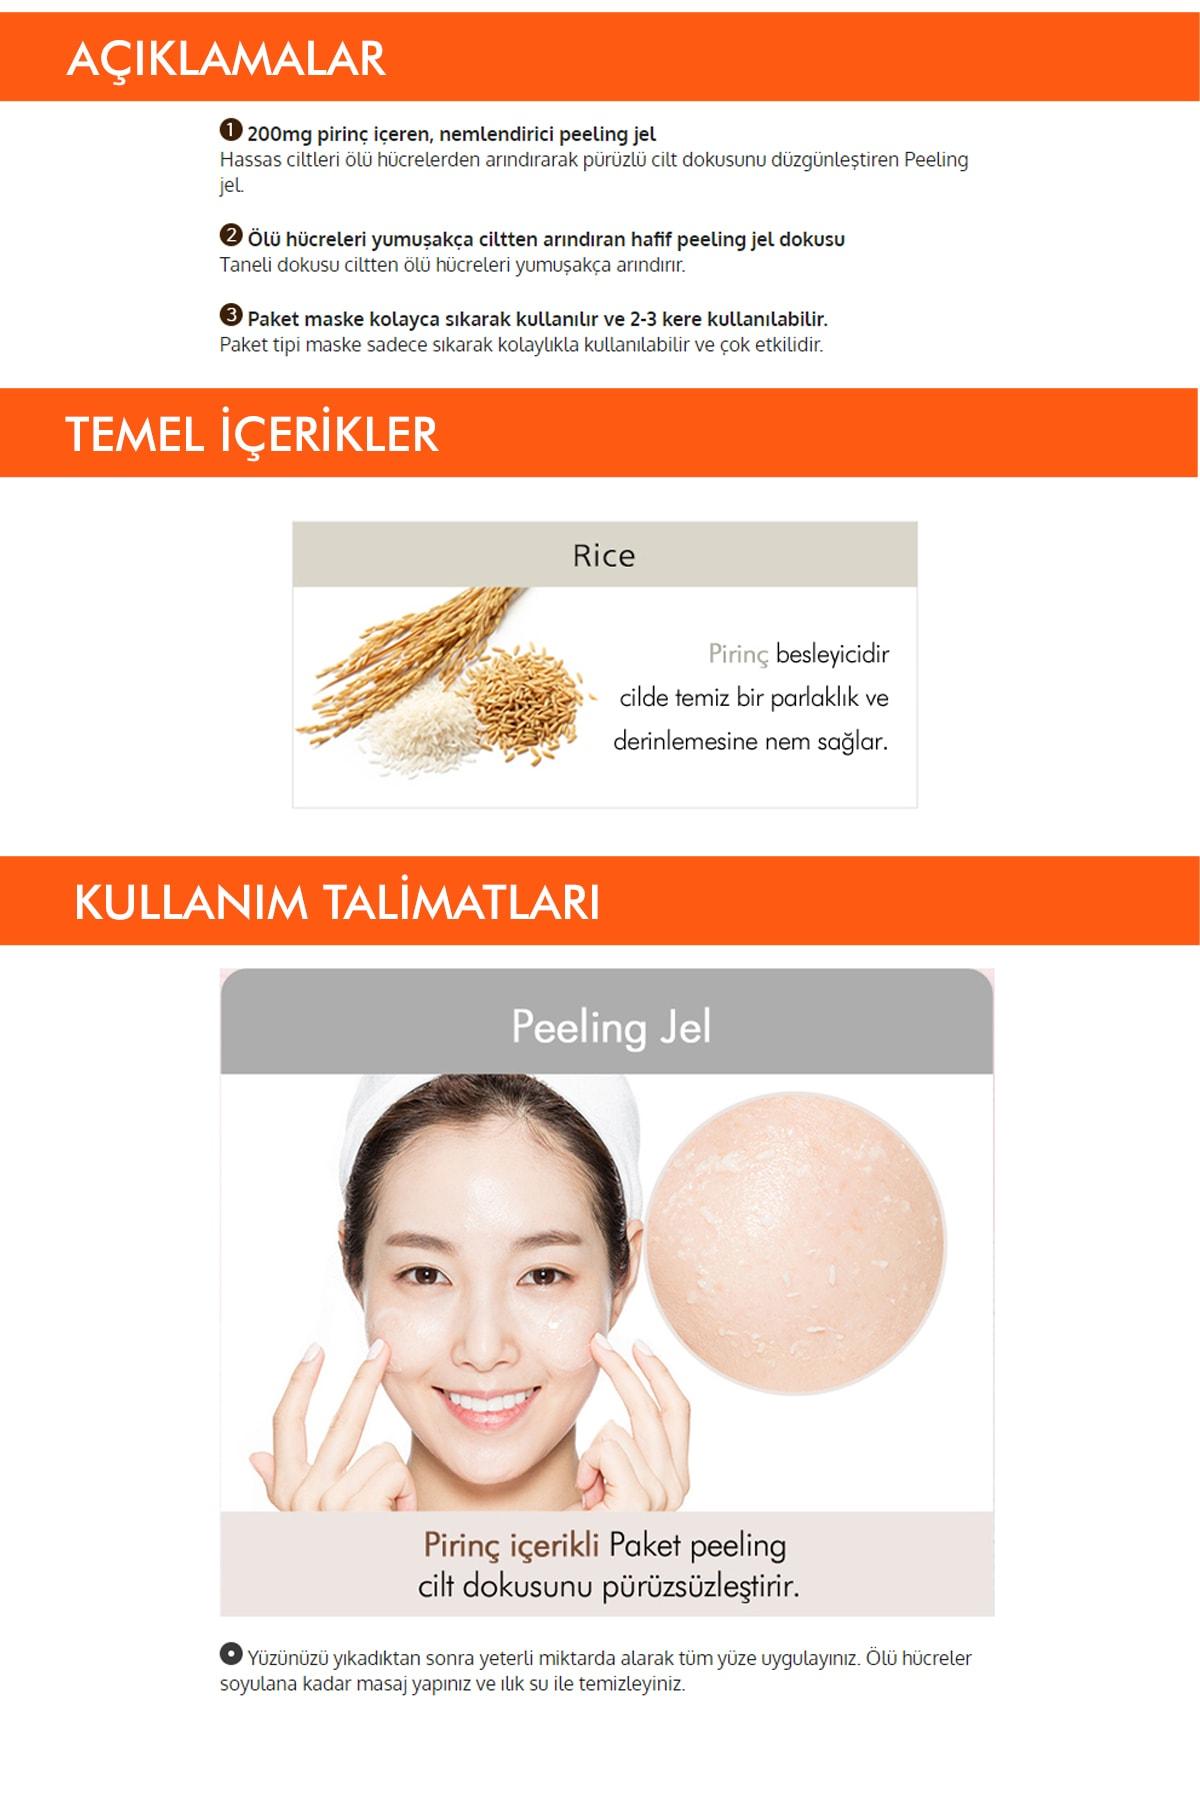 Missha Ölü Deri Arındırıcı Aydınlatıcı Pirinç Peelingi 10ml Pure Source Pocket Pack Rice 1